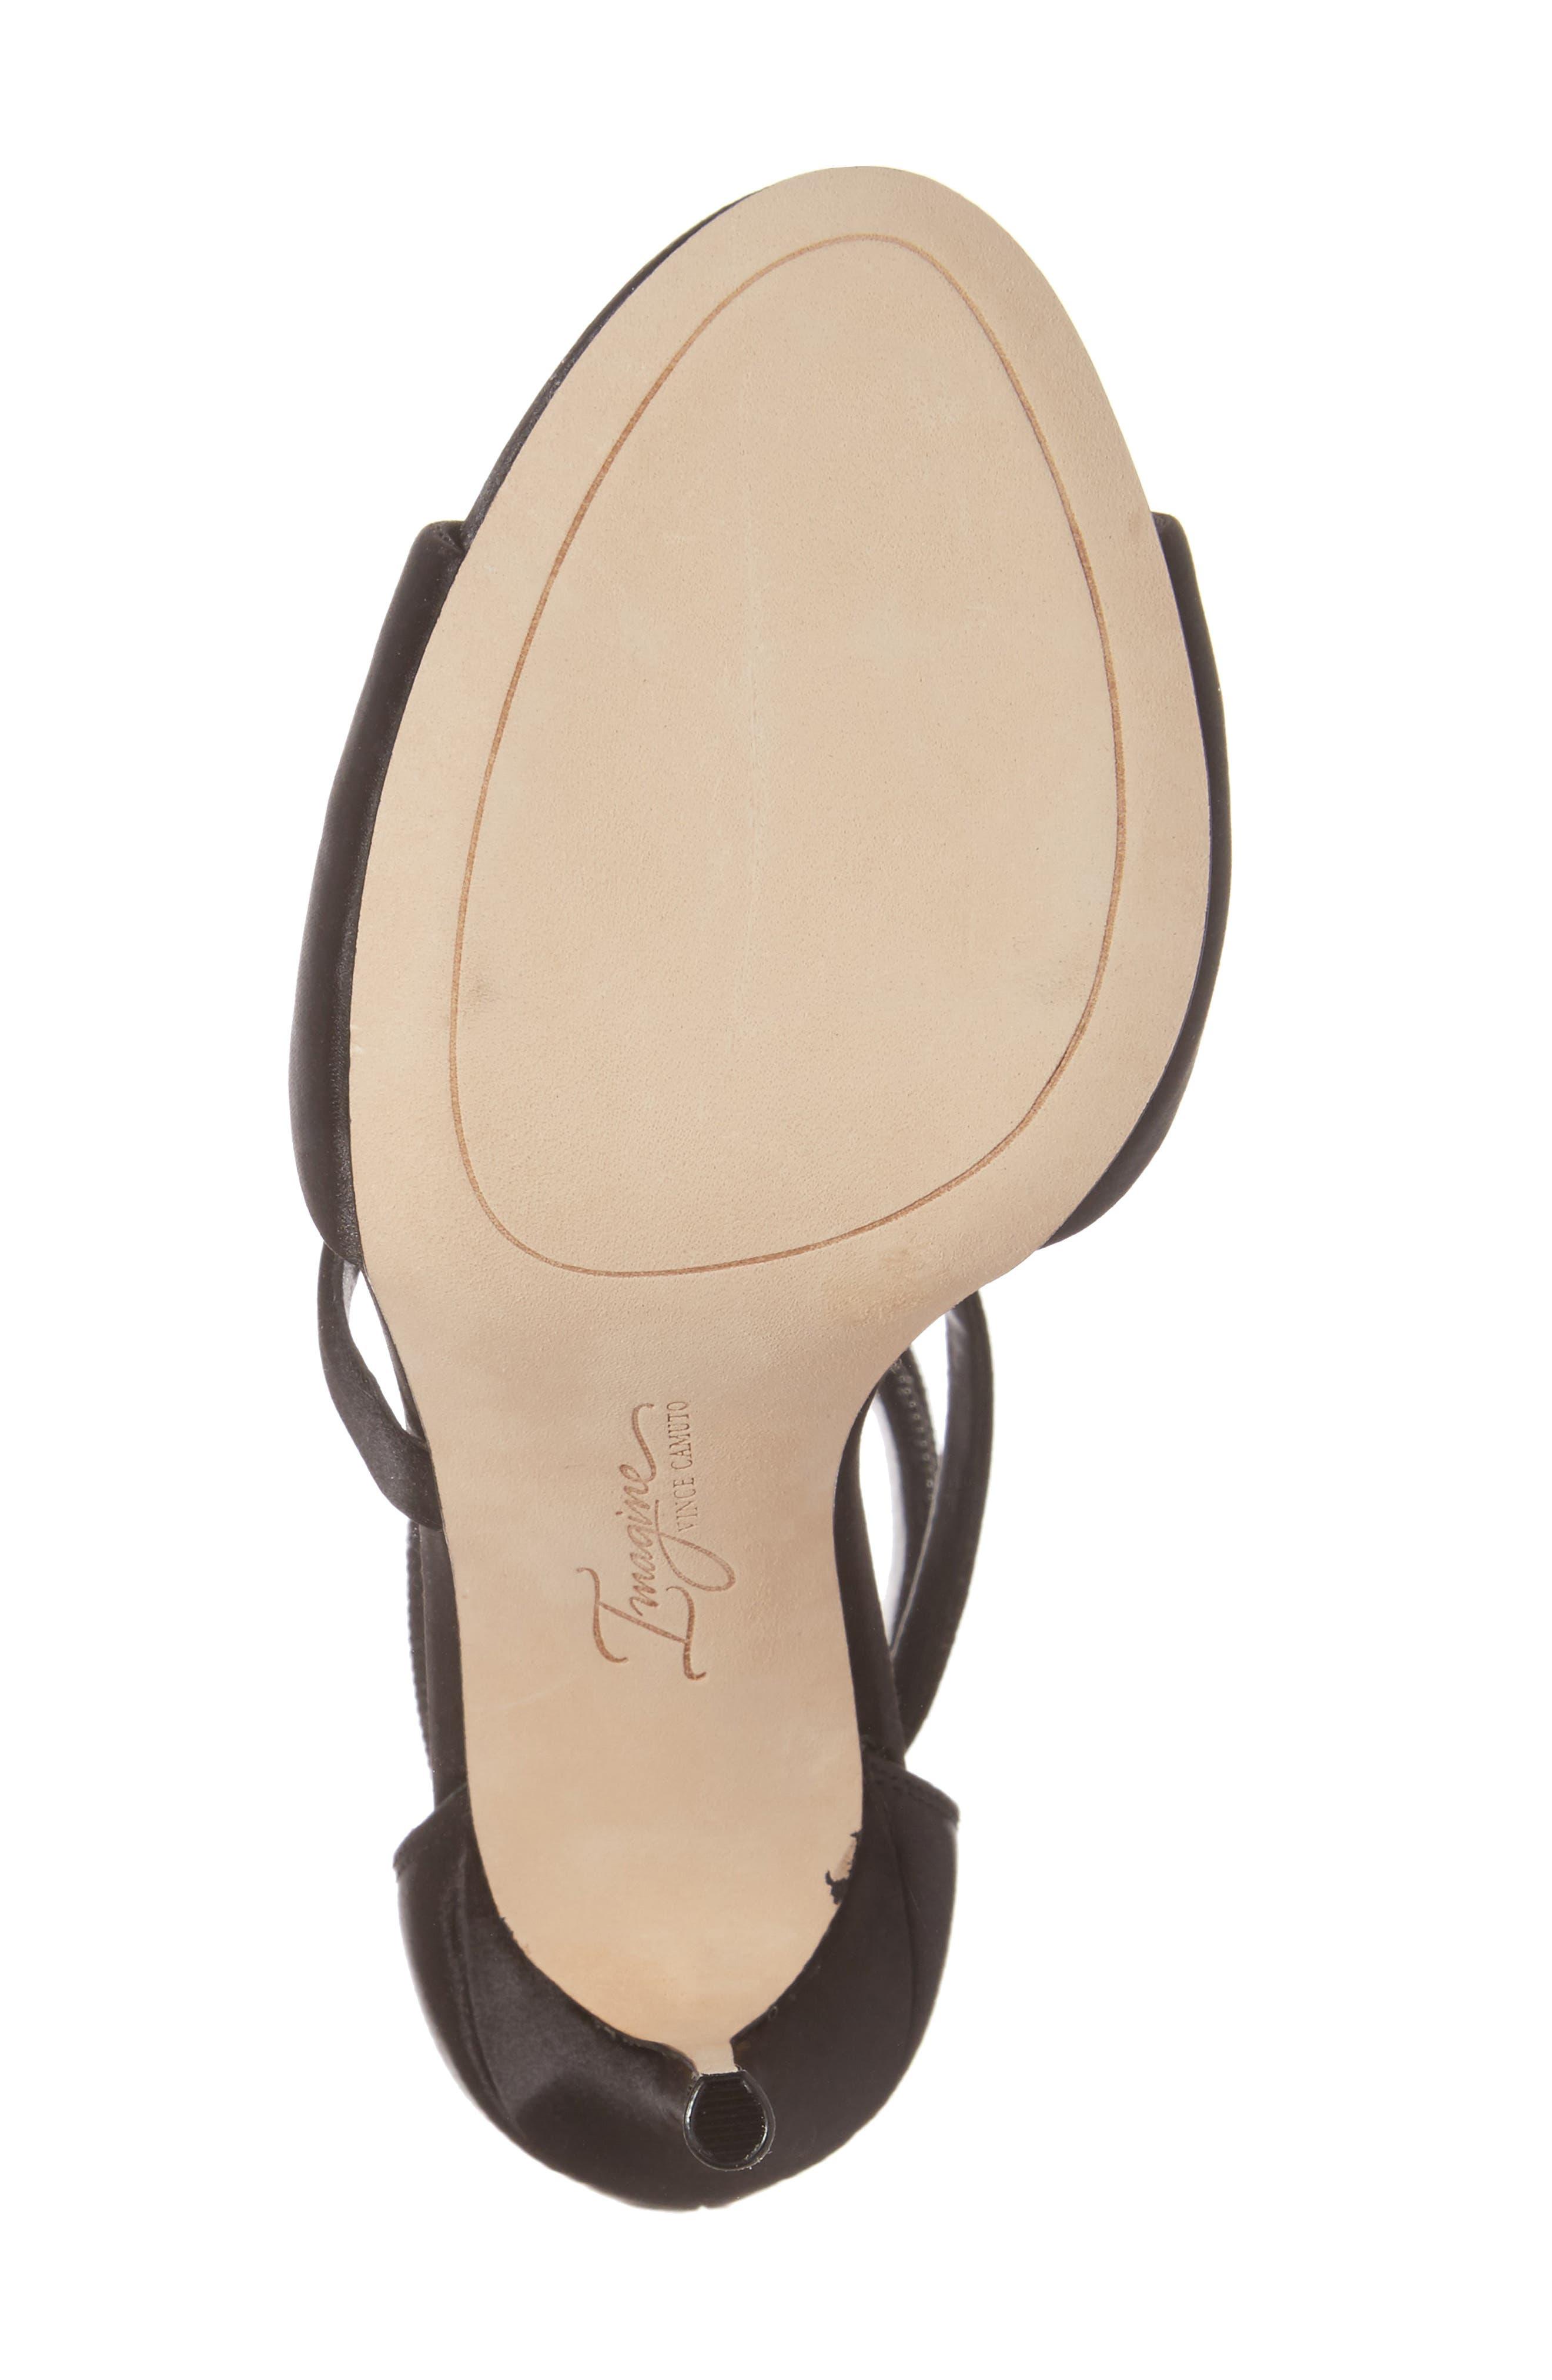 Imagine Vince Camuto Dafny Embellished Sandal,                             Alternate thumbnail 6, color,                             Black Satin